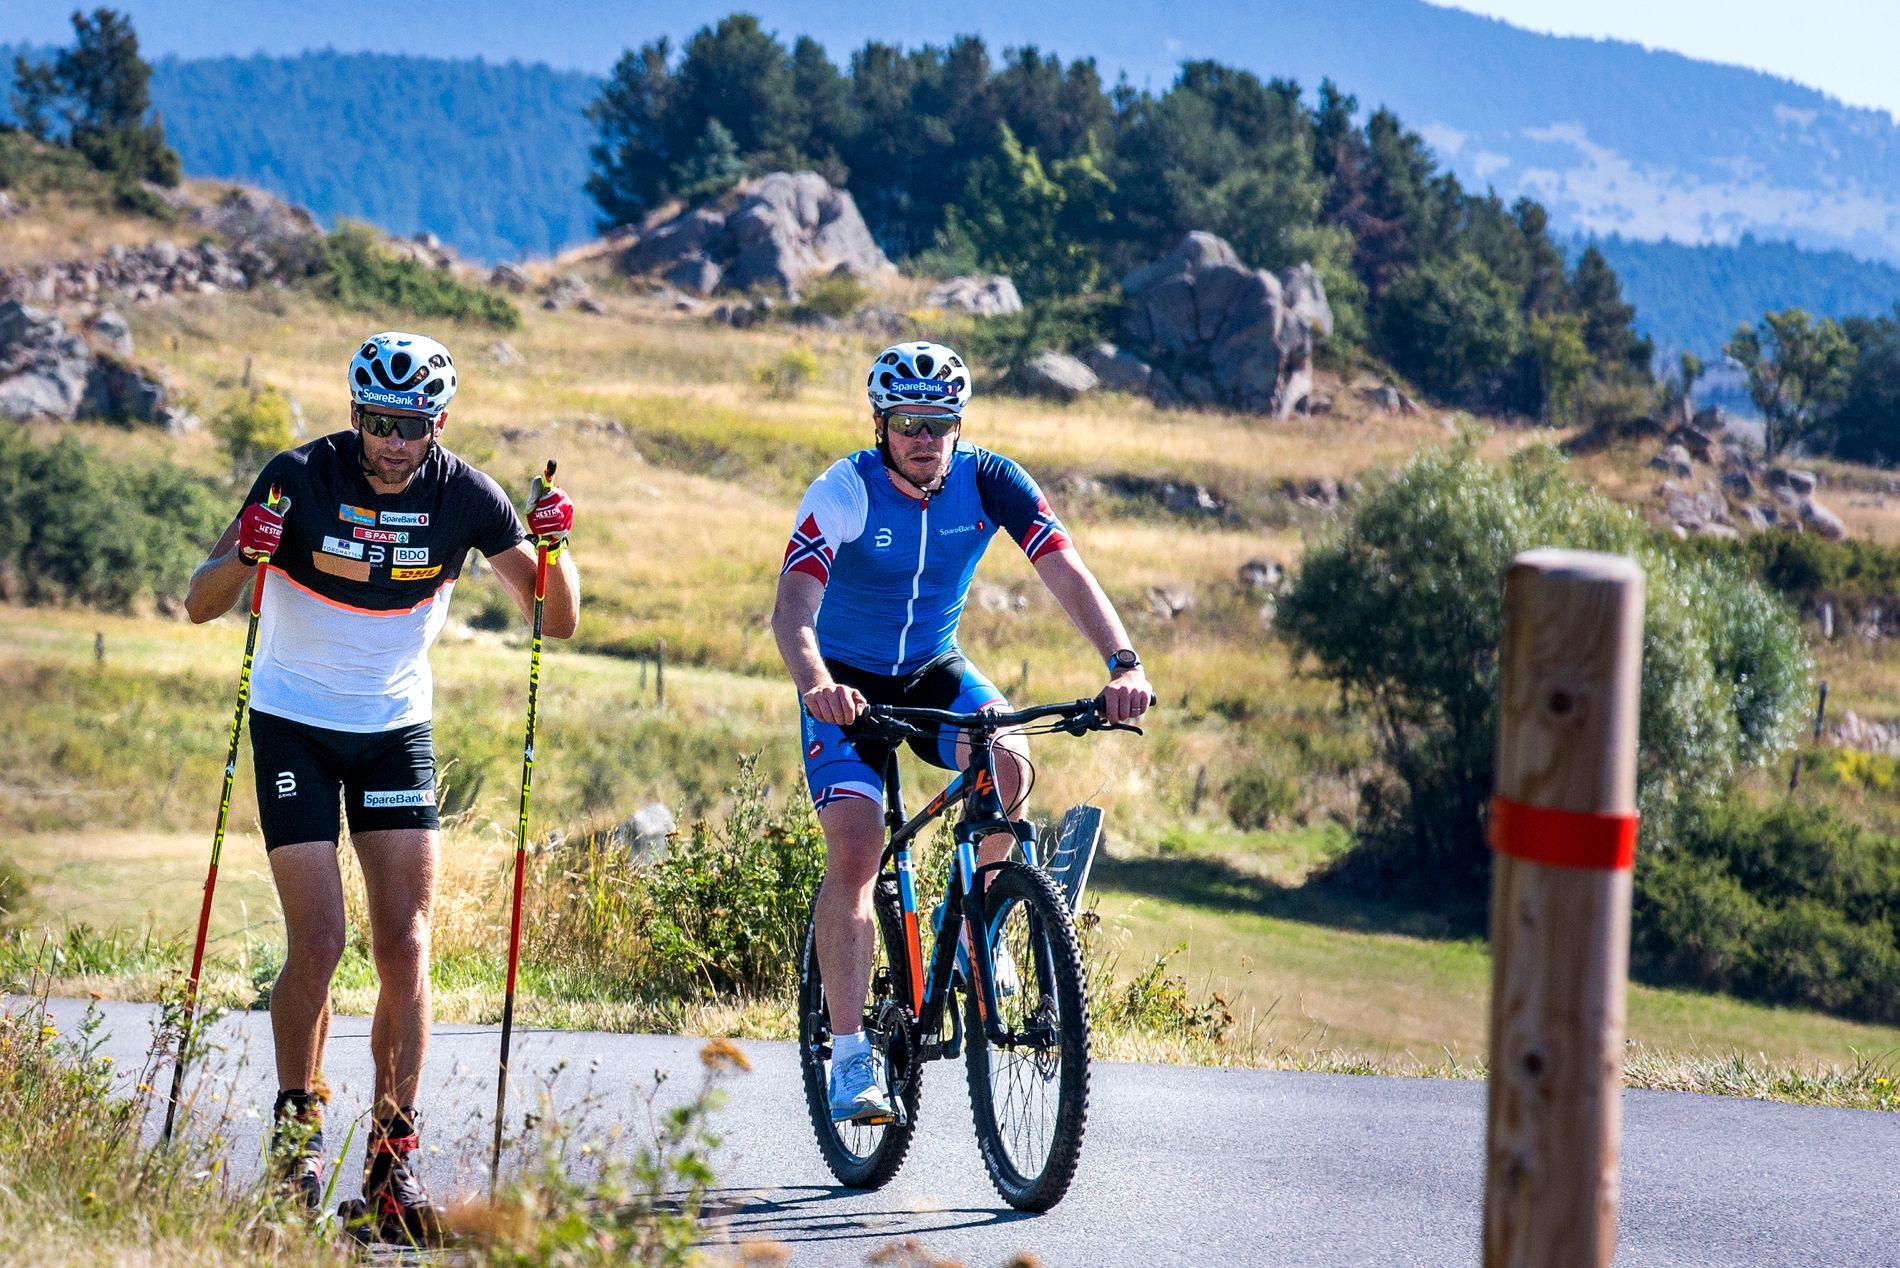 Eirik Myhr Nossum ute på trening sammen med Niklas Dyrhaug i Font Romeu på 1800 meters høyde. Det er her norske langrennsløpere skal skaffe seg erfaring og kunnskap om Beijing-høyde.